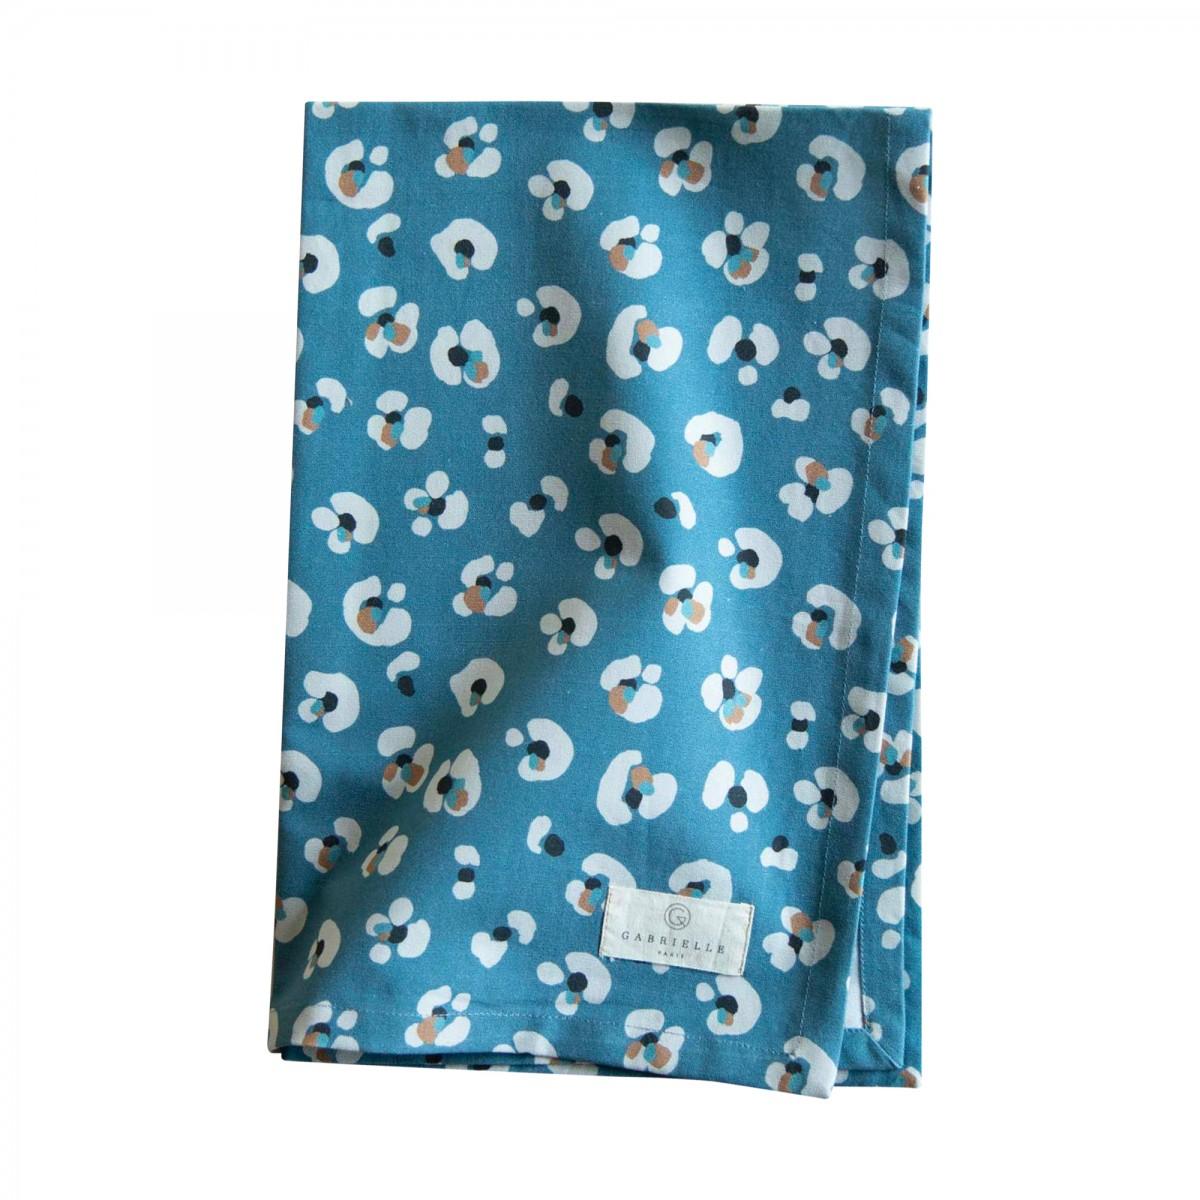 Torchon en coton imprimé léopard bleu foncé